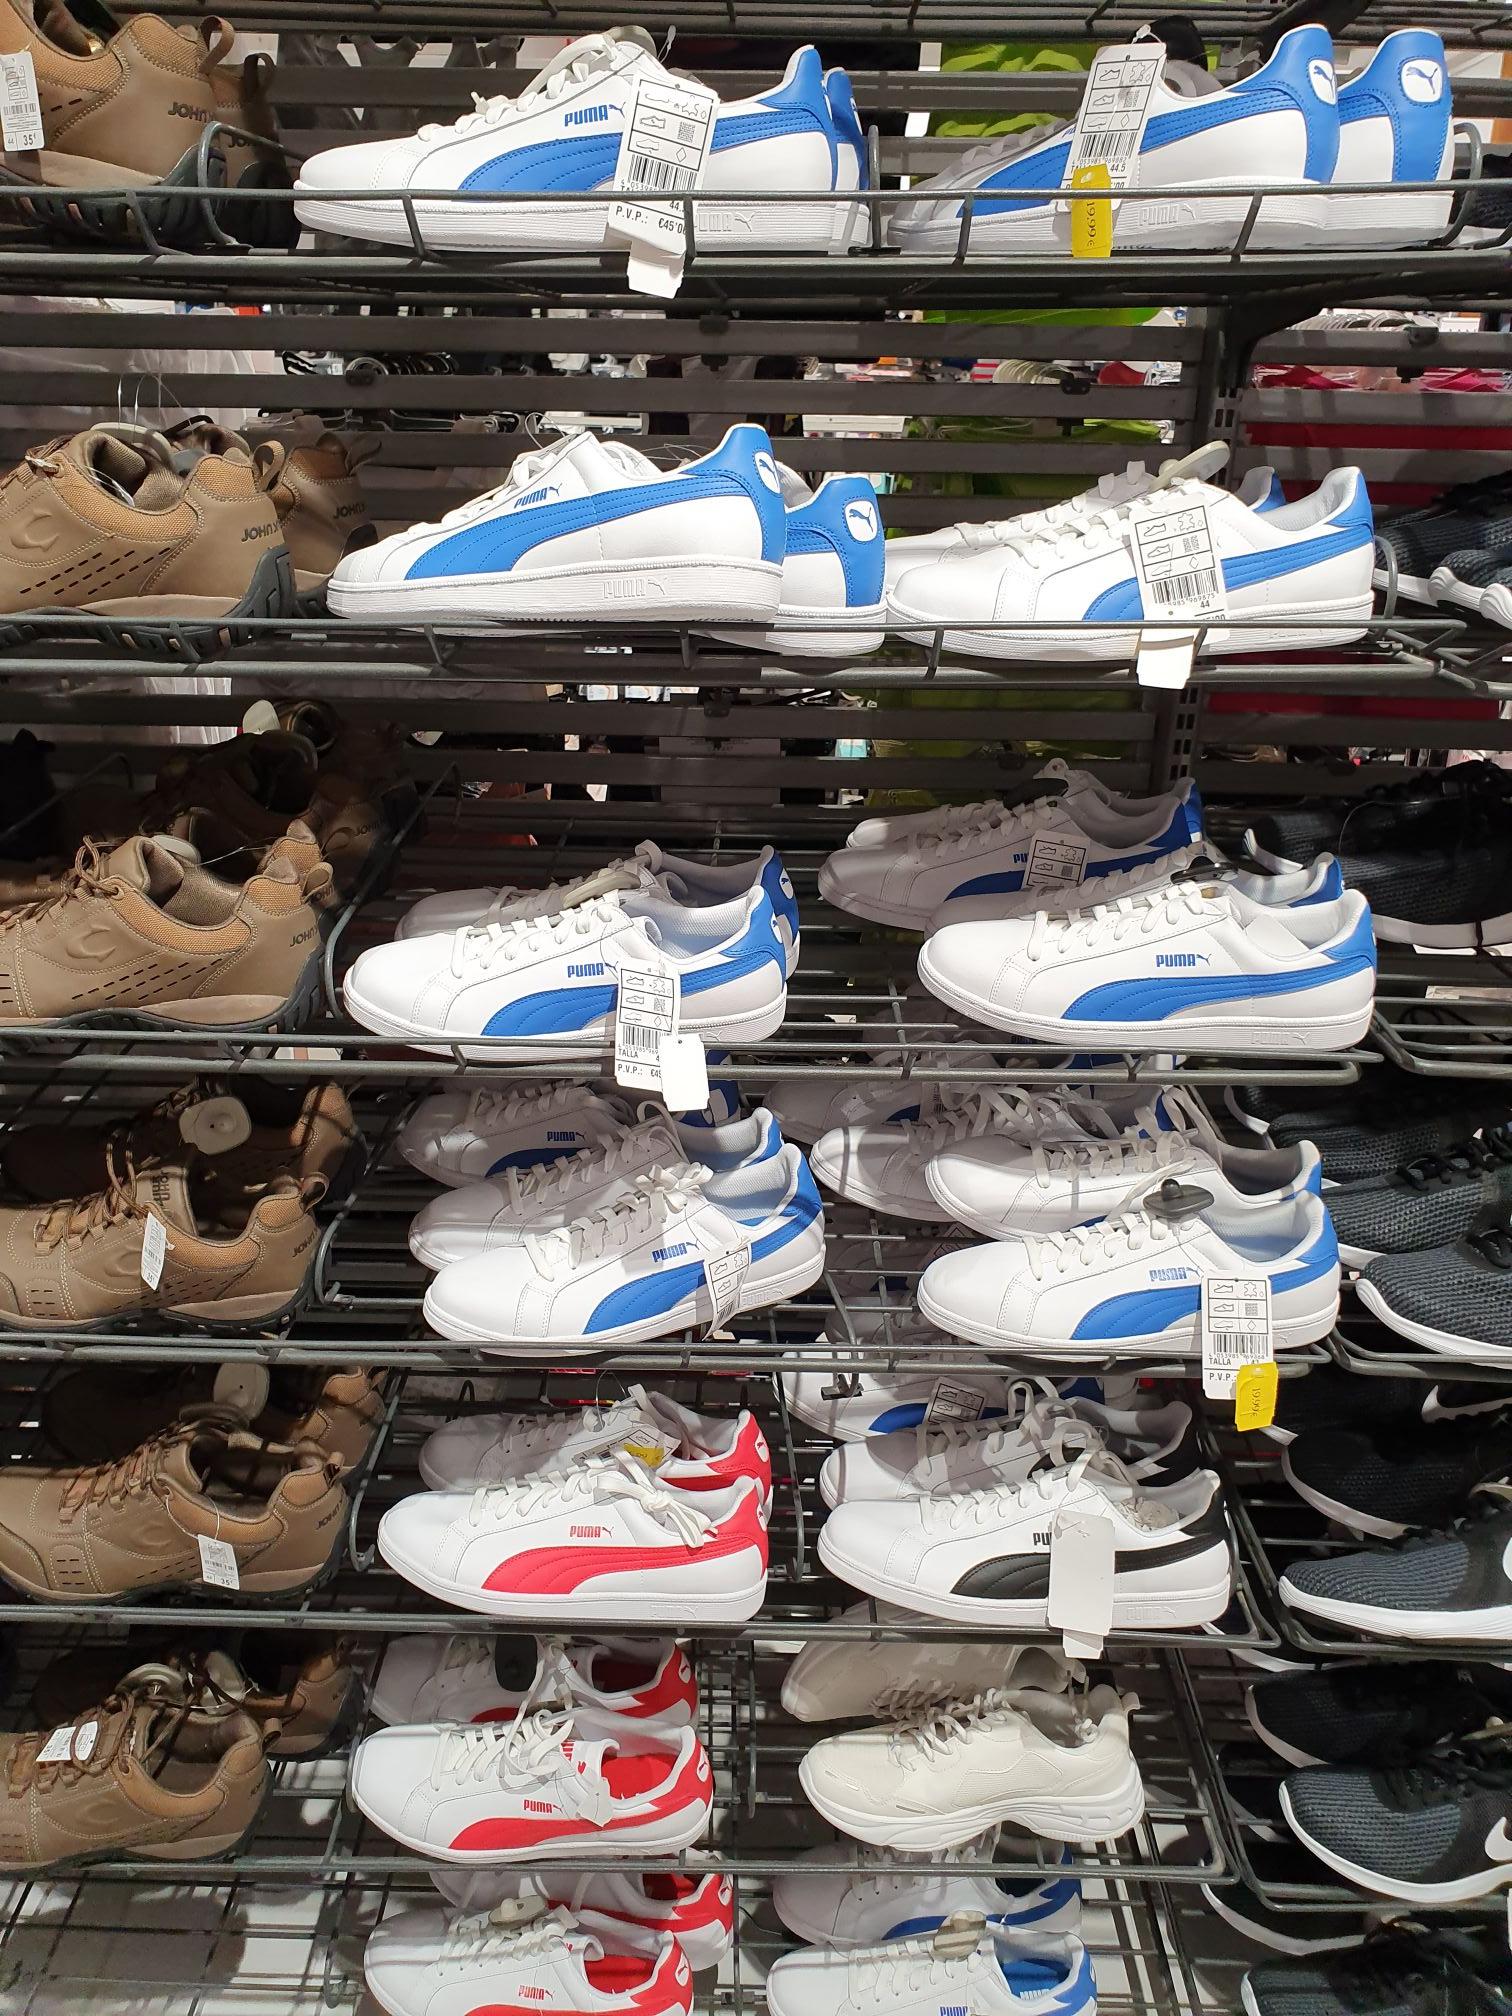 Bambas/zapatillas/deportivas puma carrefour (Barbera del vallés)